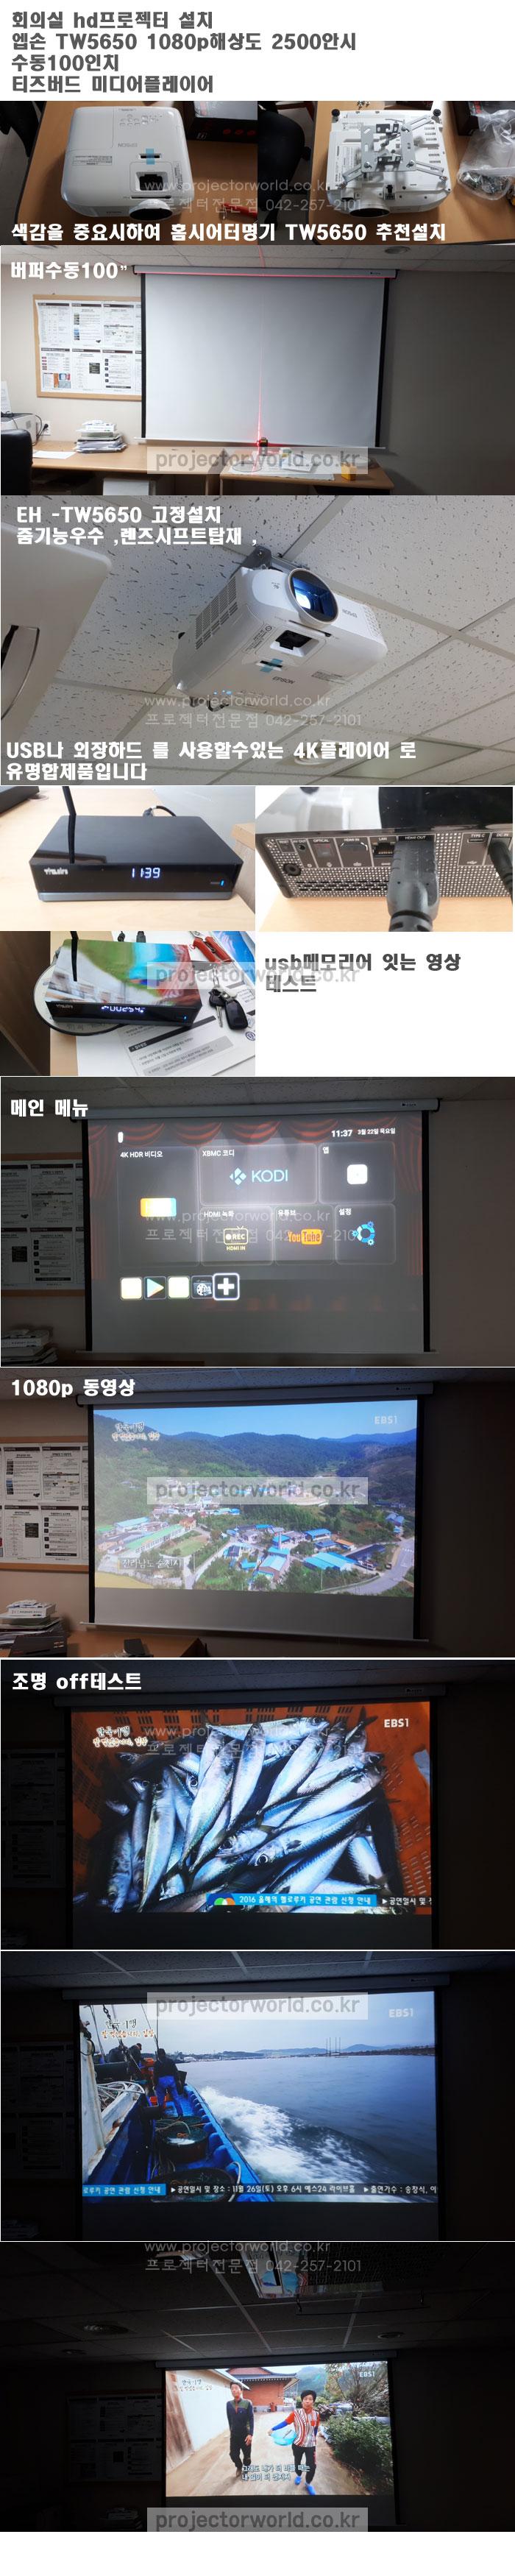 tw5650,EH-TW5650,대전프로젝터,